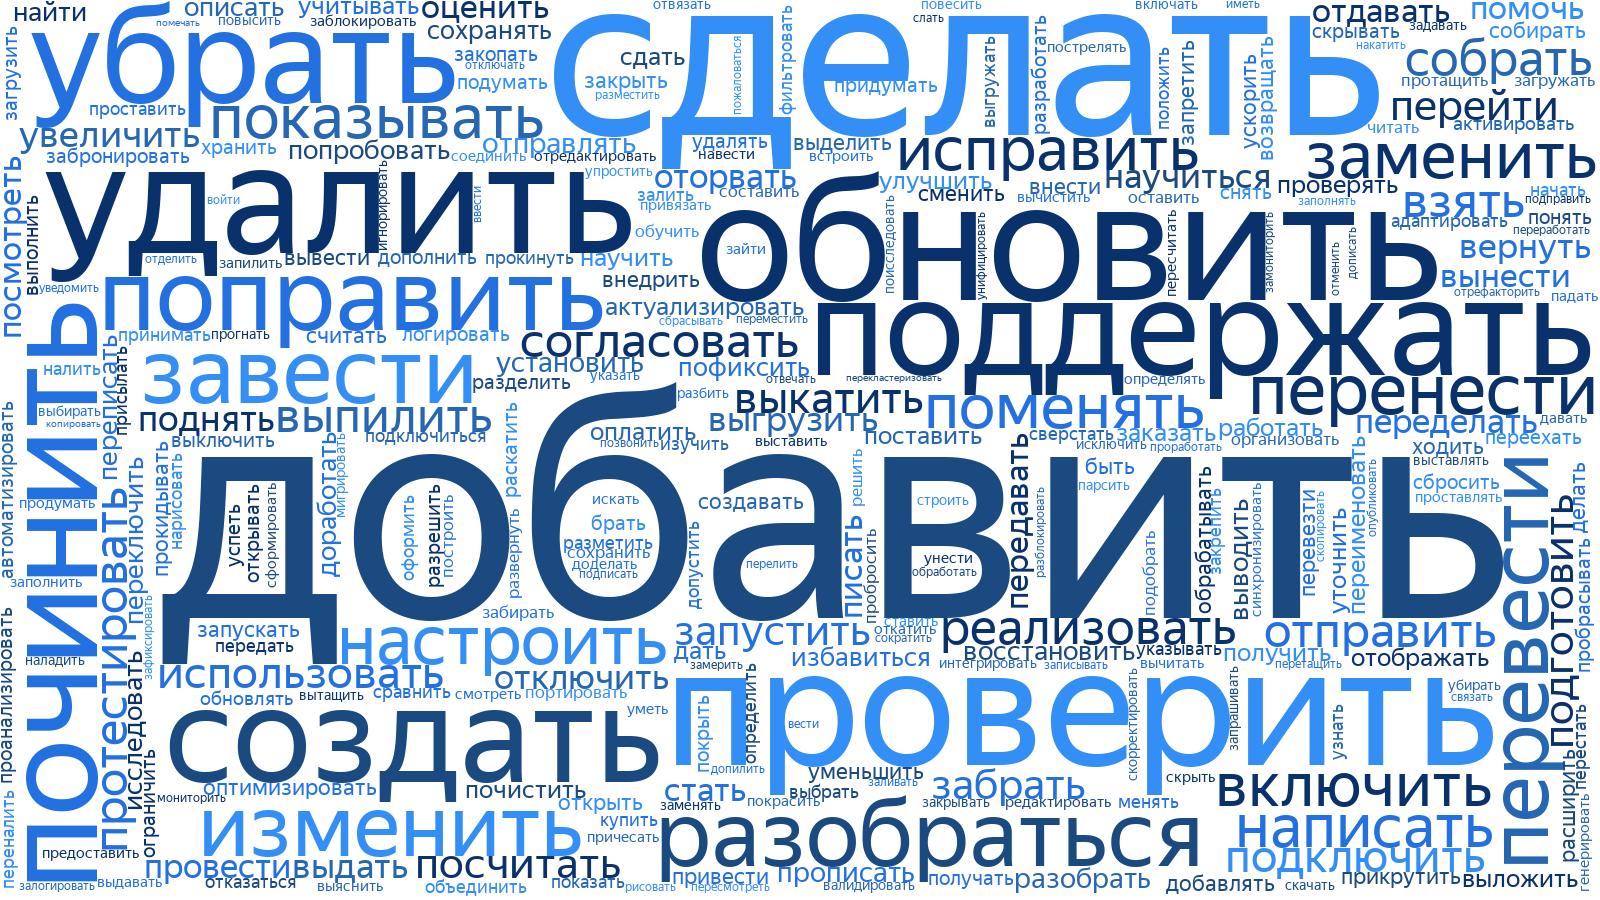 Как сделать внутренний продукт внешним. Опыт команды Яндекс.Трекера